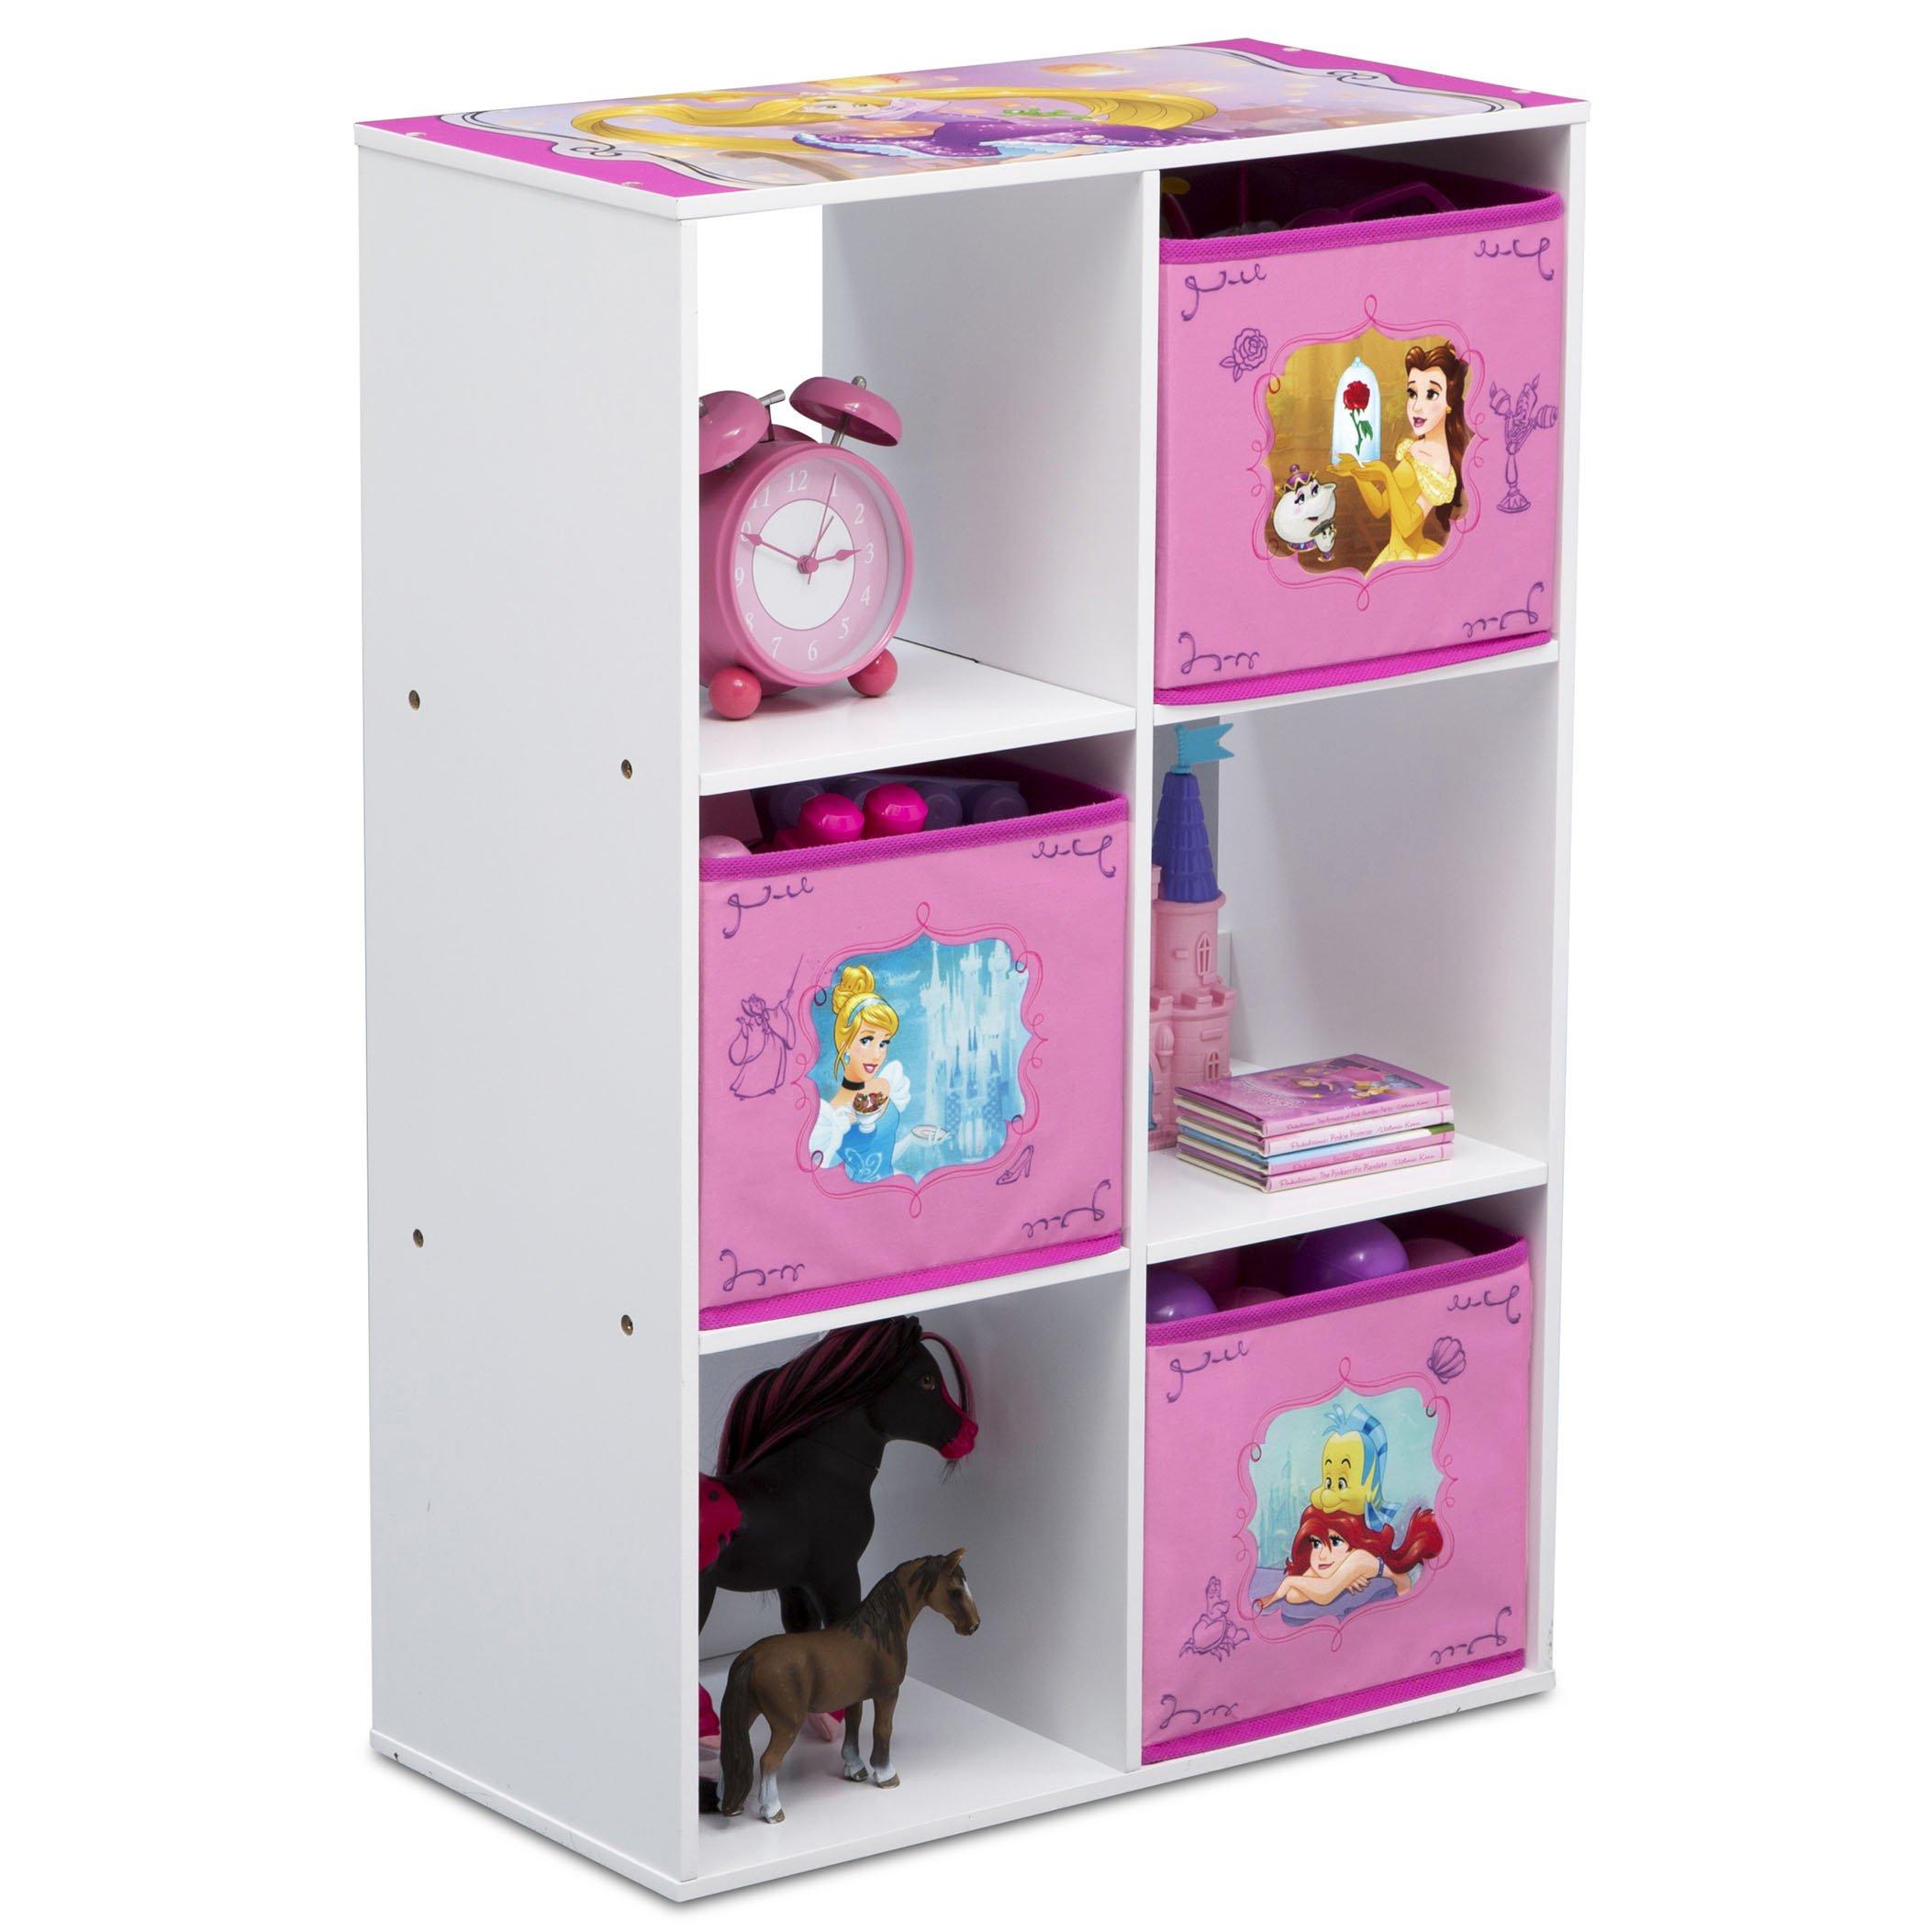 Delta Children 6 Cubby Storage Unit, Disney Princess by Delta Children (Image #3)